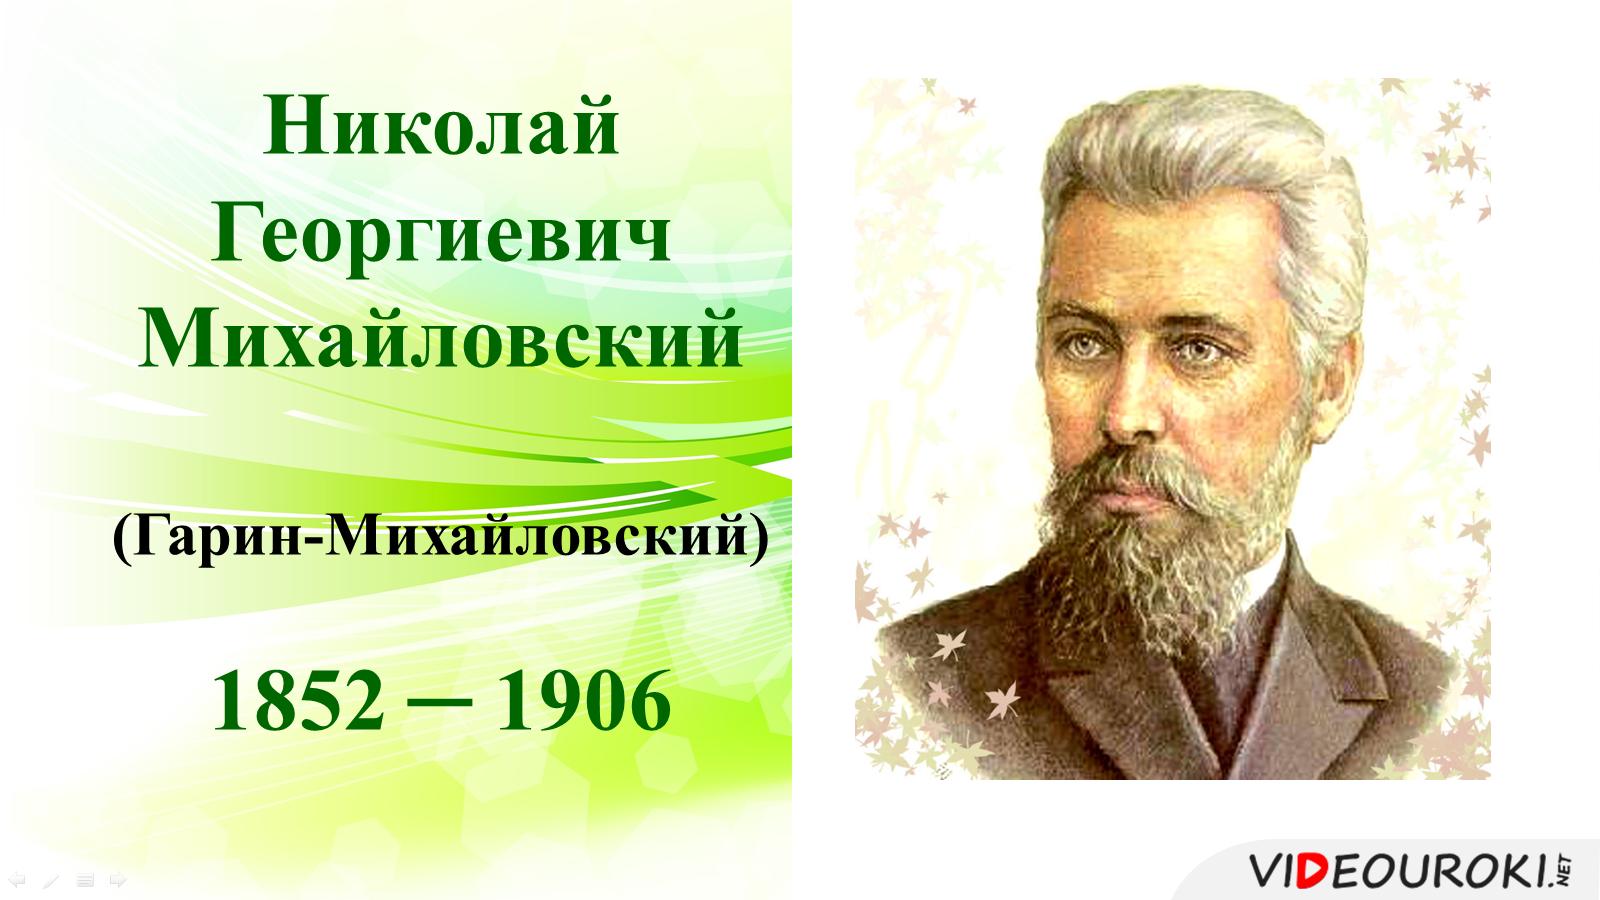 декором, которым биография гарина михайловского фото марки